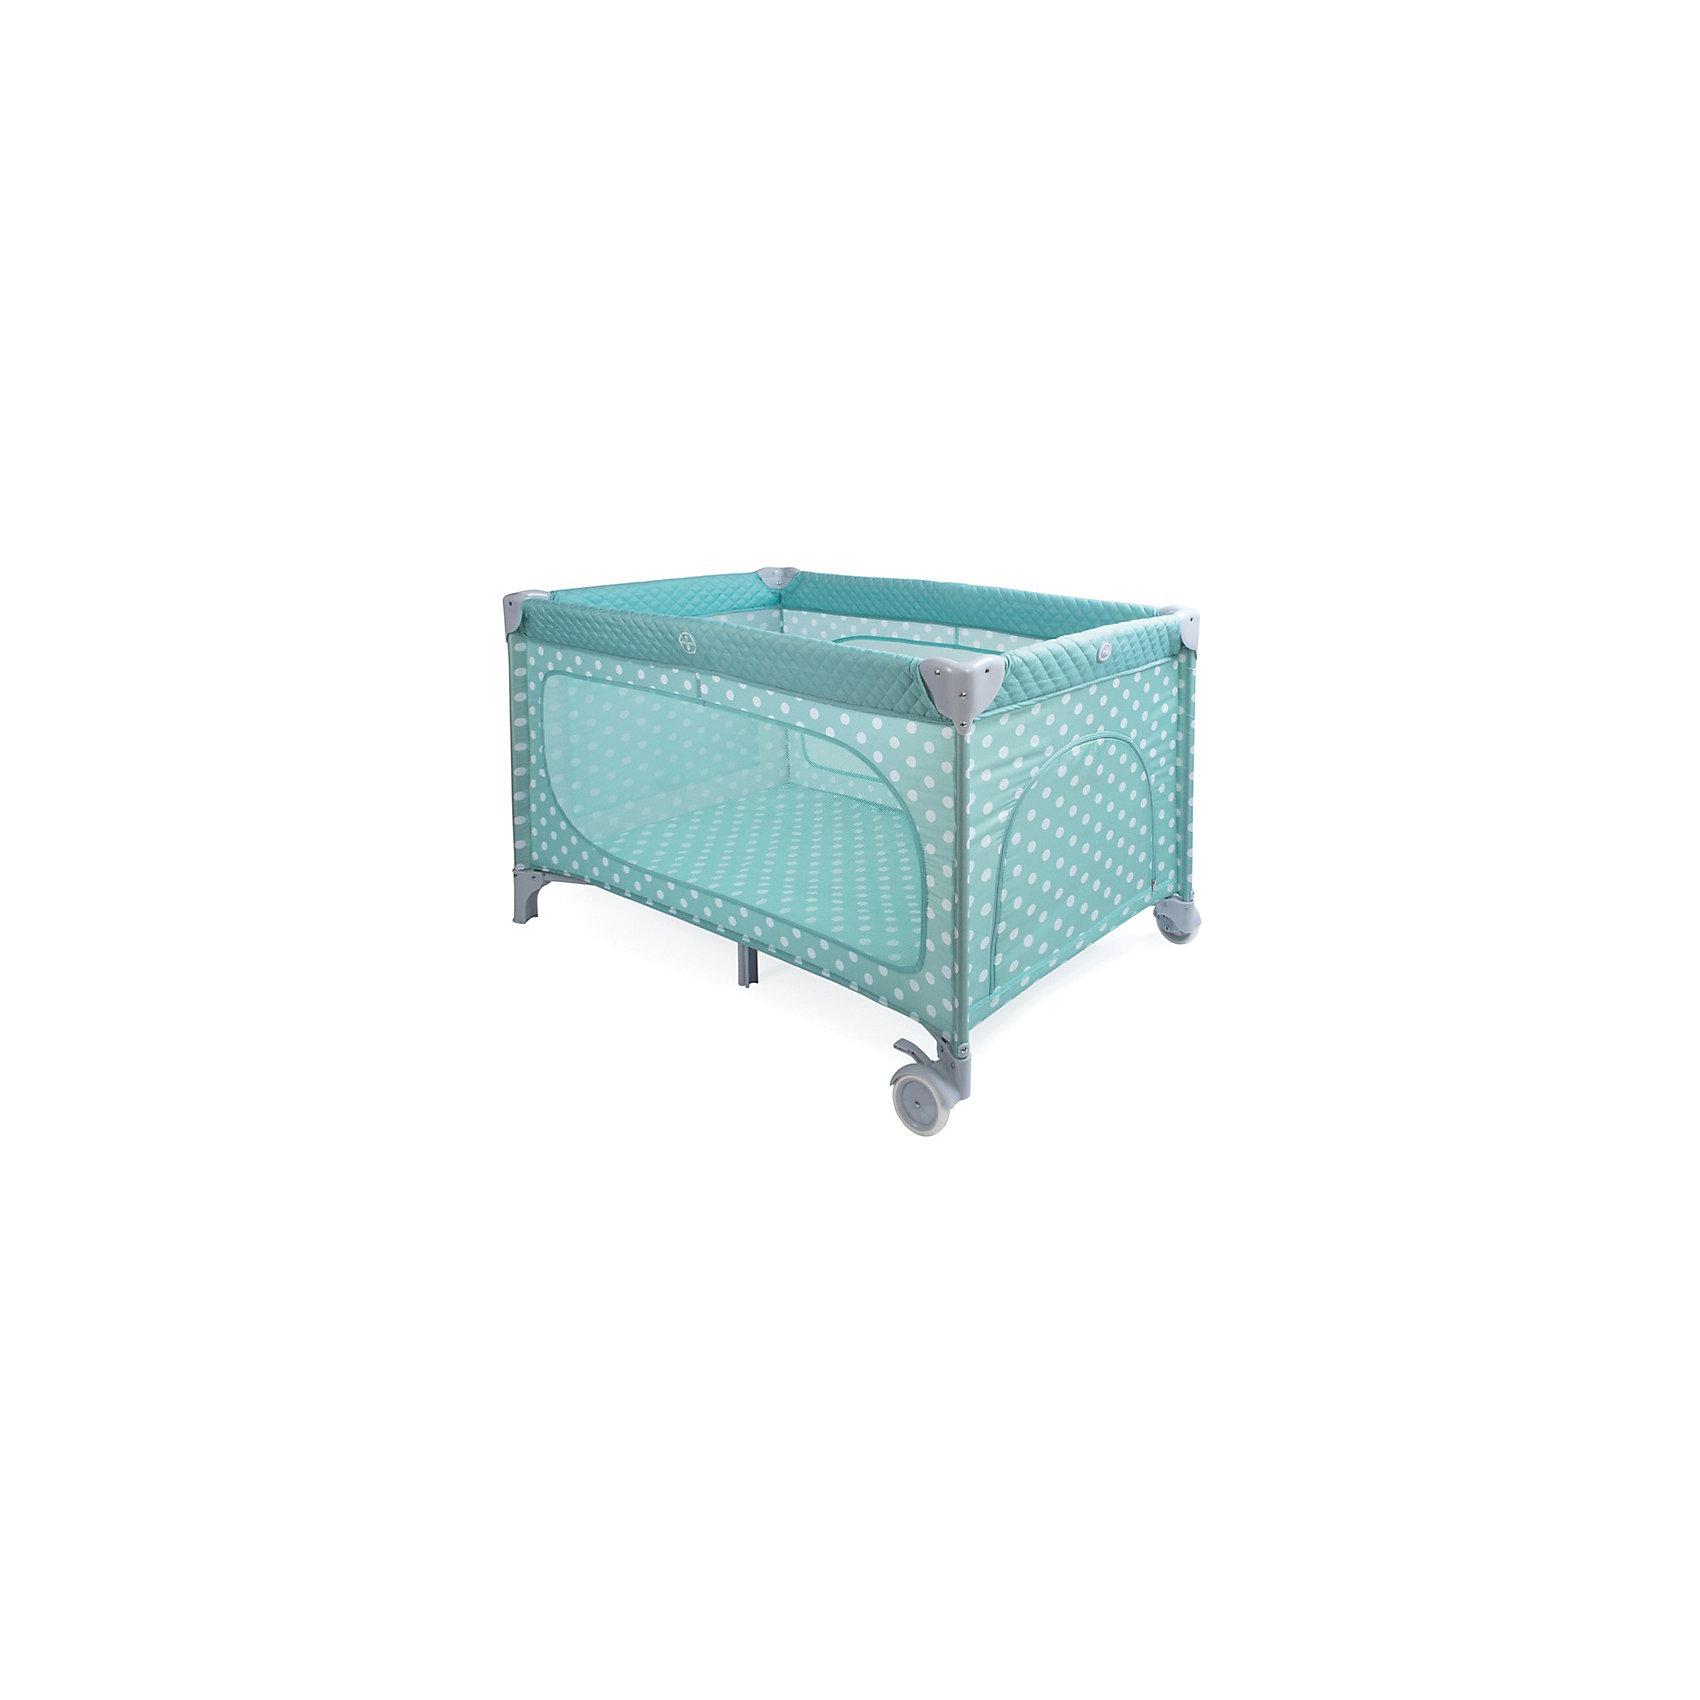 Манеж-кровать Martin, Happy Baby, голубойЭлегантный манеж, легко превращающийся в комфортабельную кроватку, выполнен из современных, легких материалов. Большие окна обеспечивают вентиляцию, прекрасное освещение и позволяют хорошо видеть малыша. Два колесика делают удобным перемещение манежа-кроватки по дому. Все углы и опасные для ребенка<br>поверхности защищены специальными накладками.<br><br>В комплектацию входит съемный матрасик, дополнительный второй уровень, а для активных малышей имеется боковой лаз. Кроватка легко и компактно складывается.<br><br>Дополнительная информация:<br><br>Размеры в сложенном виде: 76 см Х 26 см Х 22 см<br>Размеры в разложенном виде: 128 см Х 76 см Х 70 см<br>Размер спального места: 120 см Х 60 см<br>Максимальный вес ребенка: до 15 кг<br><br>Кровать-манеж Martin, Happy Baby, голубую можно купить в нашем магазине.<br><br>Ширина мм: 220<br>Глубина мм: 230<br>Высота мм: 780<br>Вес г: 12000<br>Возраст от месяцев: 0<br>Возраст до месяцев: 36<br>Пол: Унисекс<br>Возраст: Детский<br>SKU: 4146882